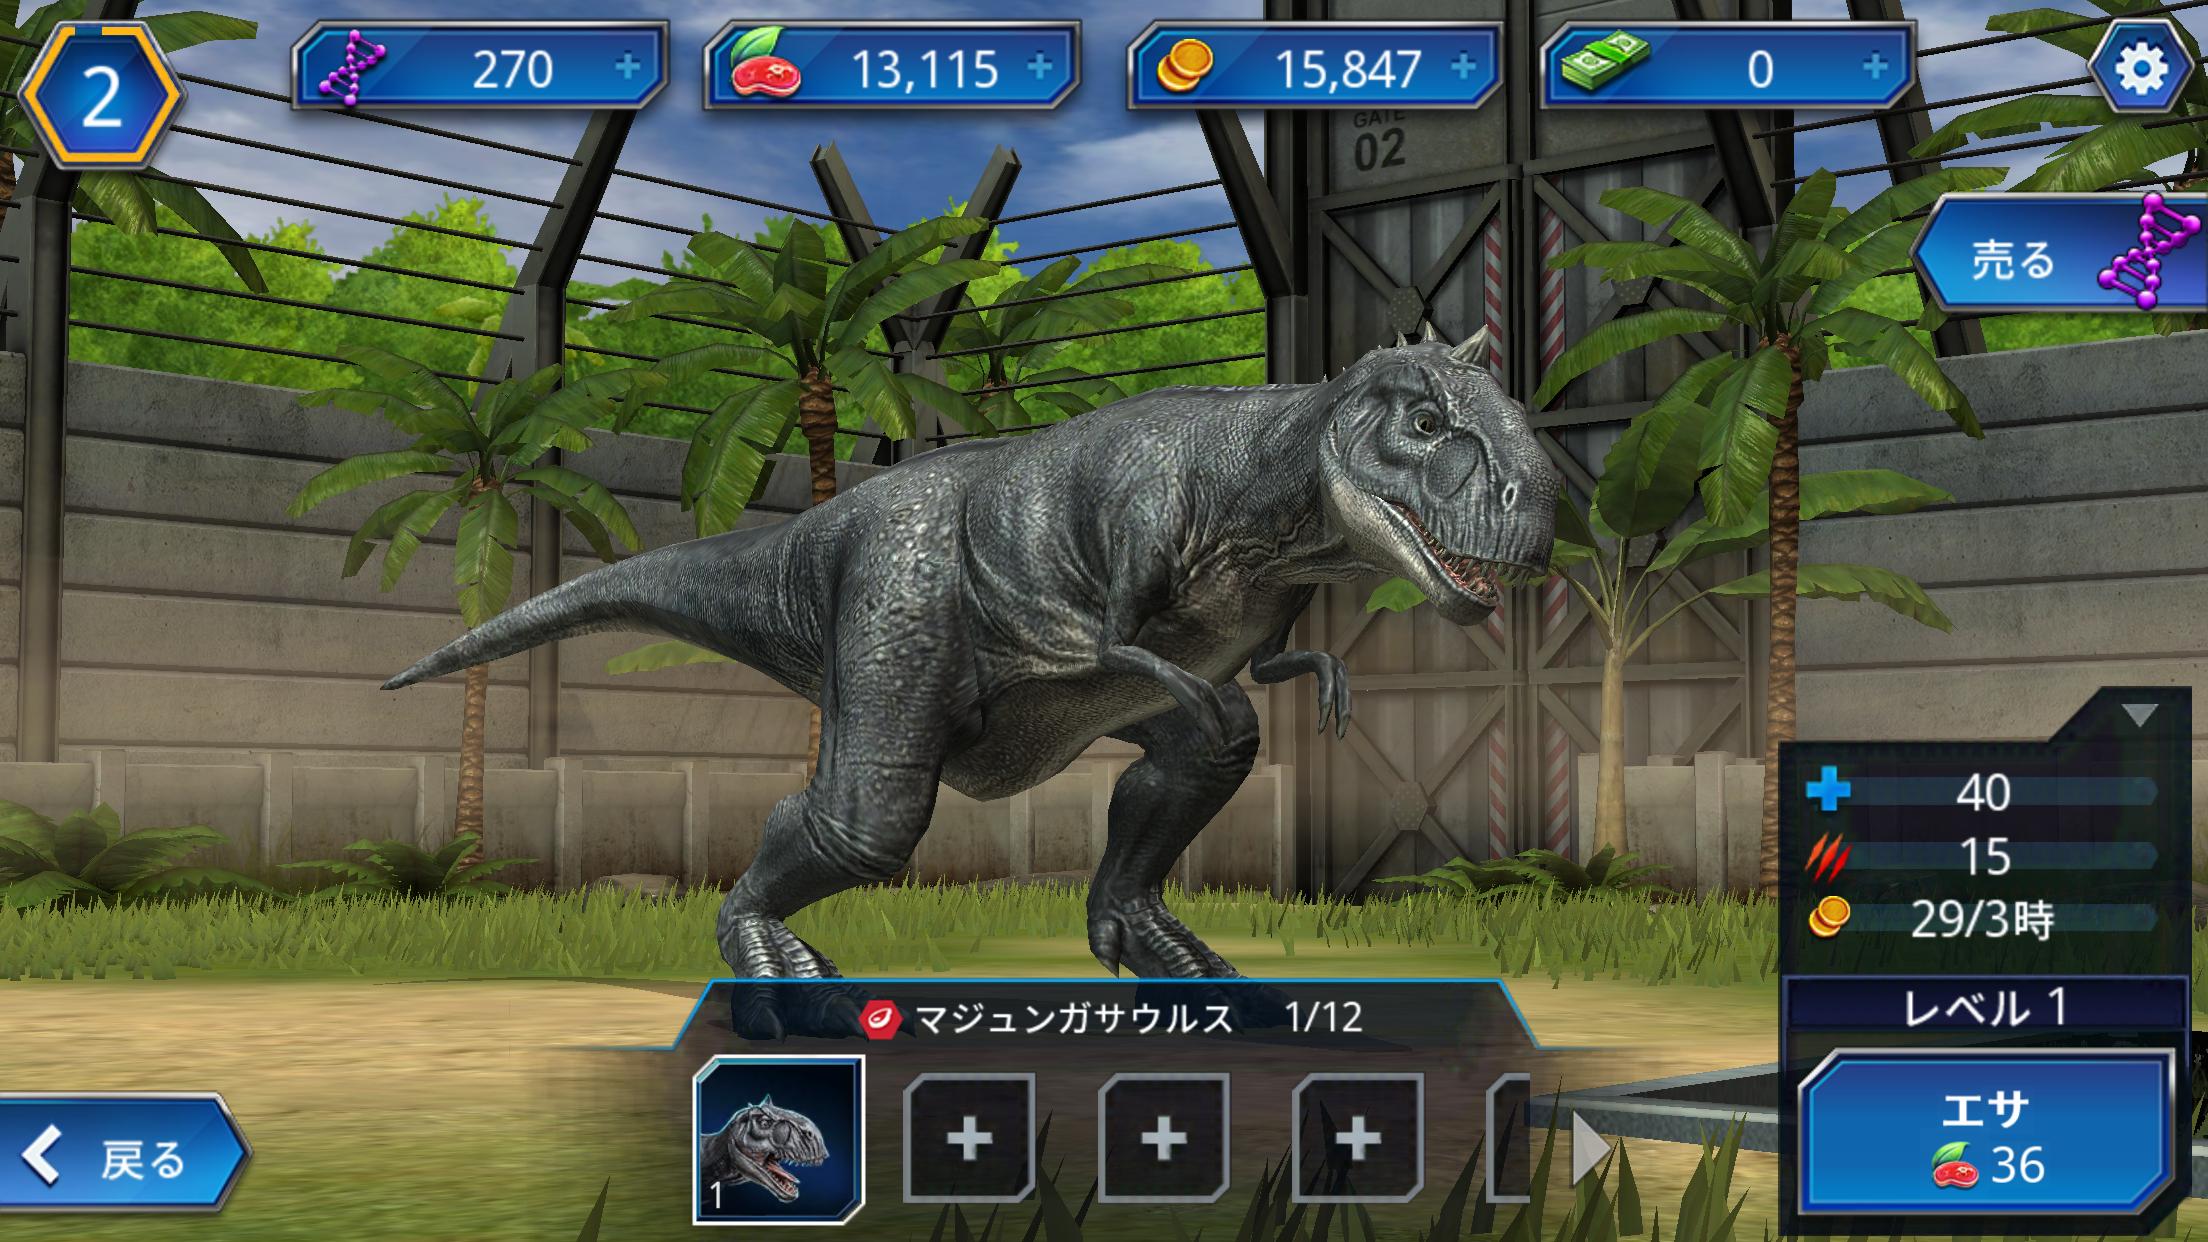 Jurassic World™: ザ·ゲーム androidアプリスクリーンショット1